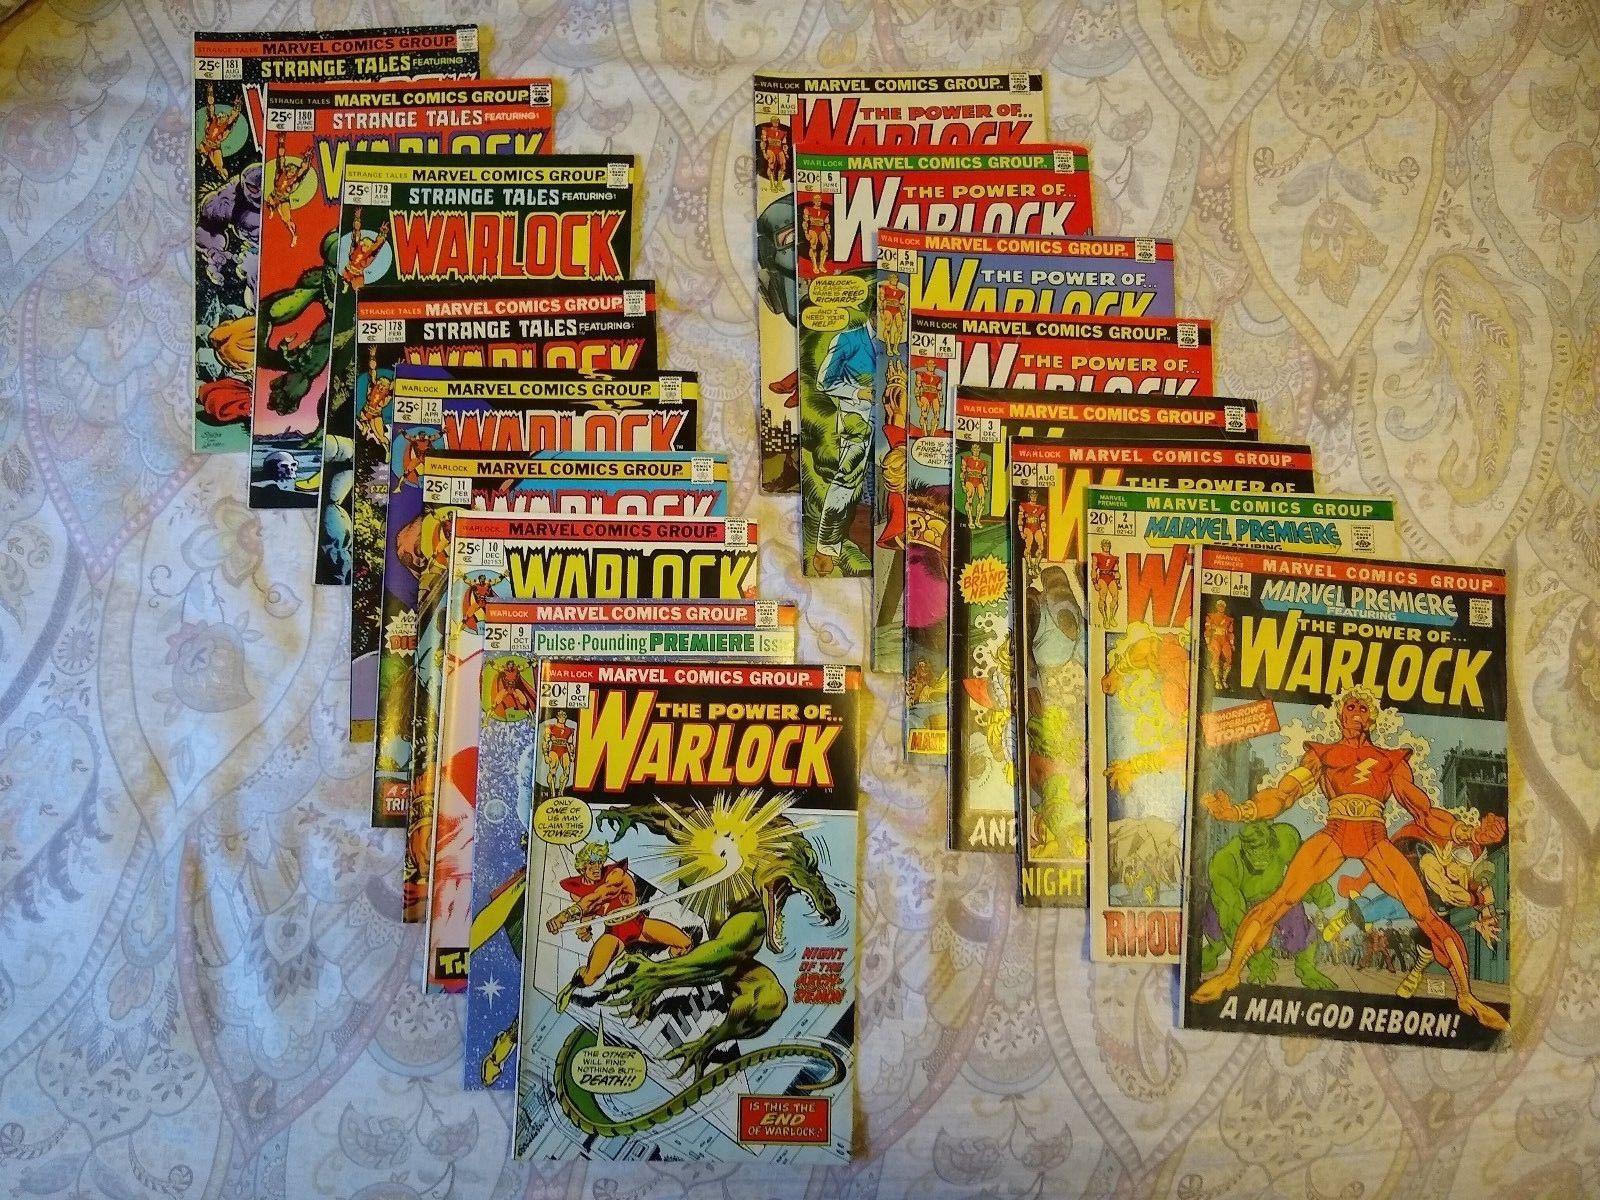 Warlock package: Warlock 1,3-12; Strange Tales 178-181; Marvel Premiere 1,2